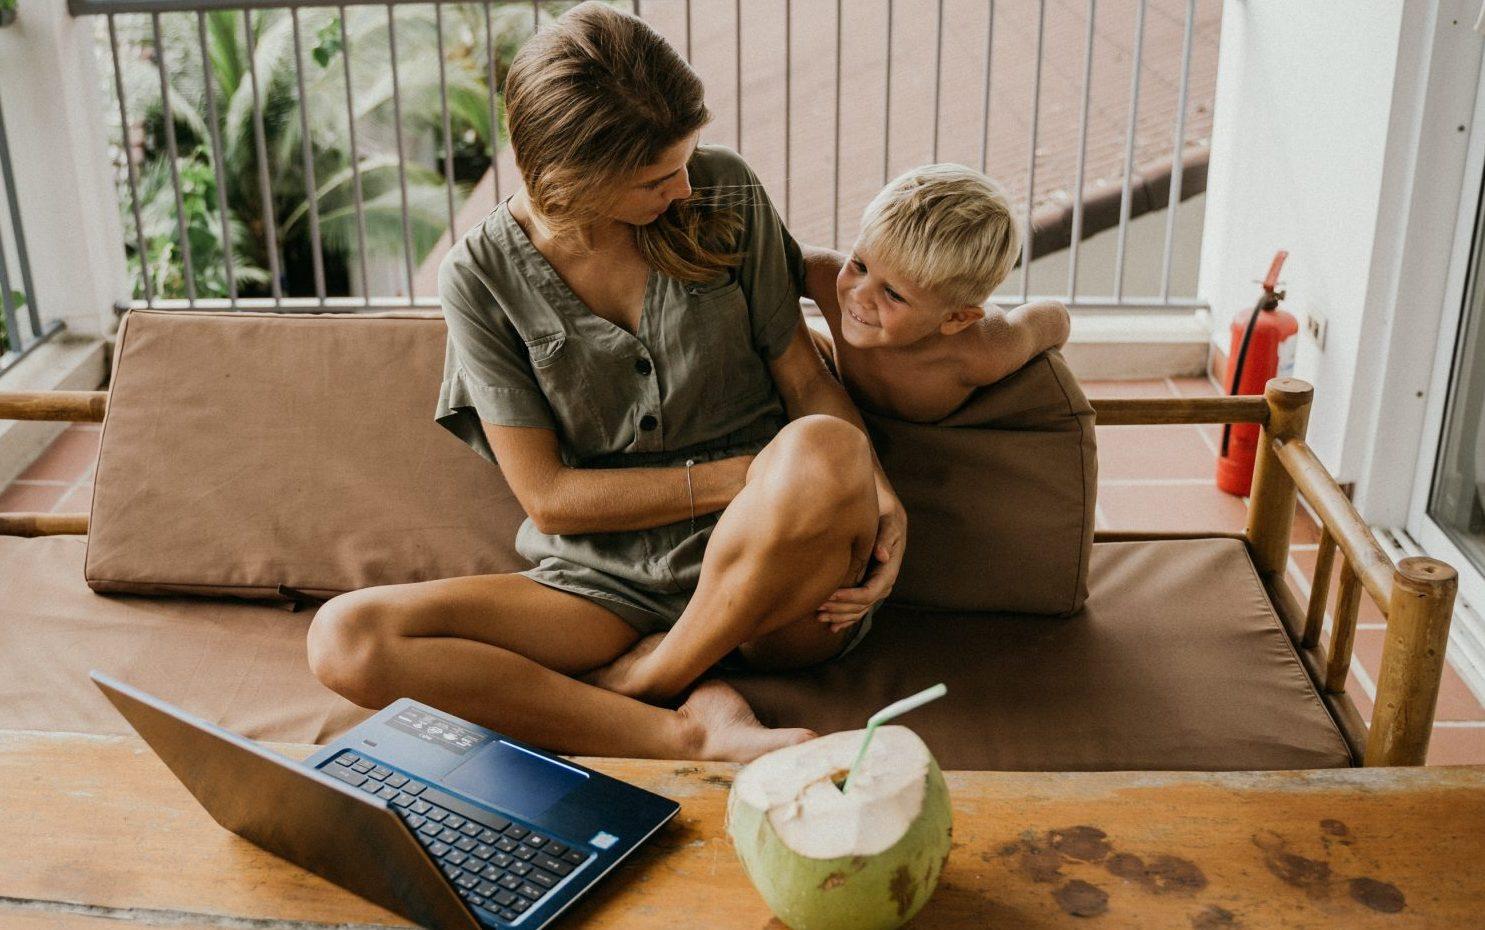 Προσωπική ζωή και εργασία: Πώς θα βρεις την ισορροπία ανάμεσά τους